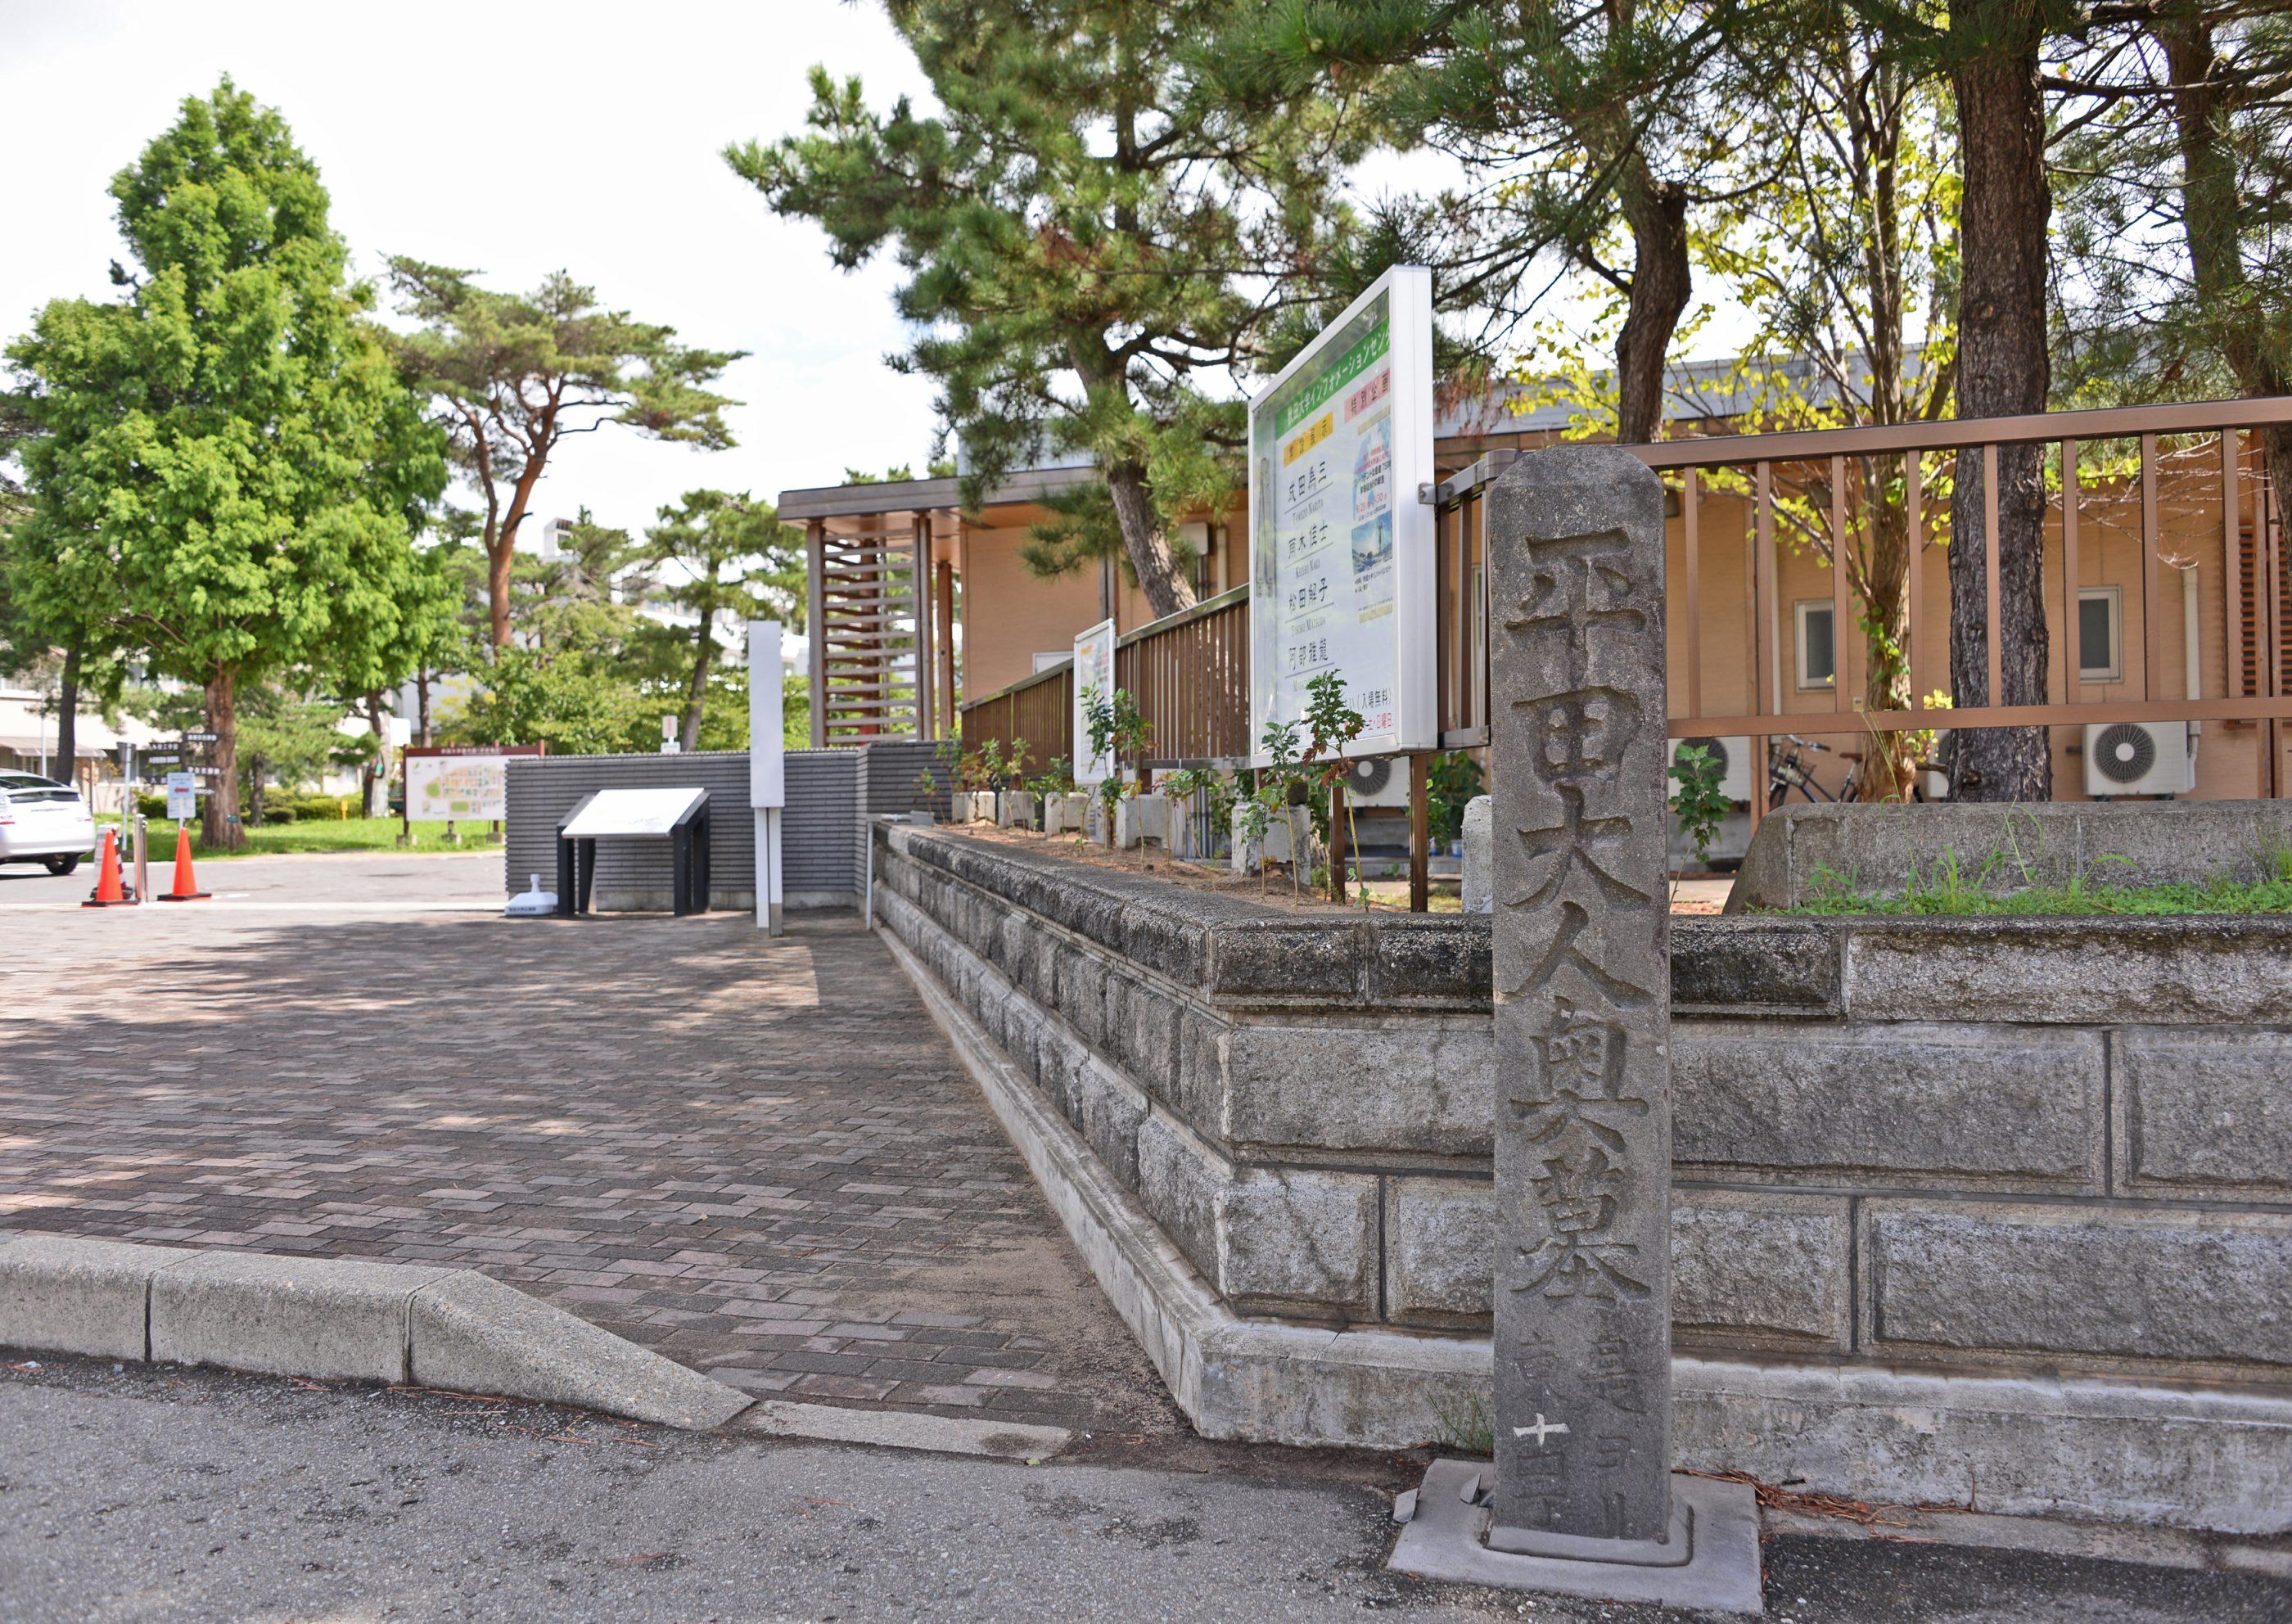 ⇑ ついでにですが秋田大学正門横にはこのような石柱が立っている。